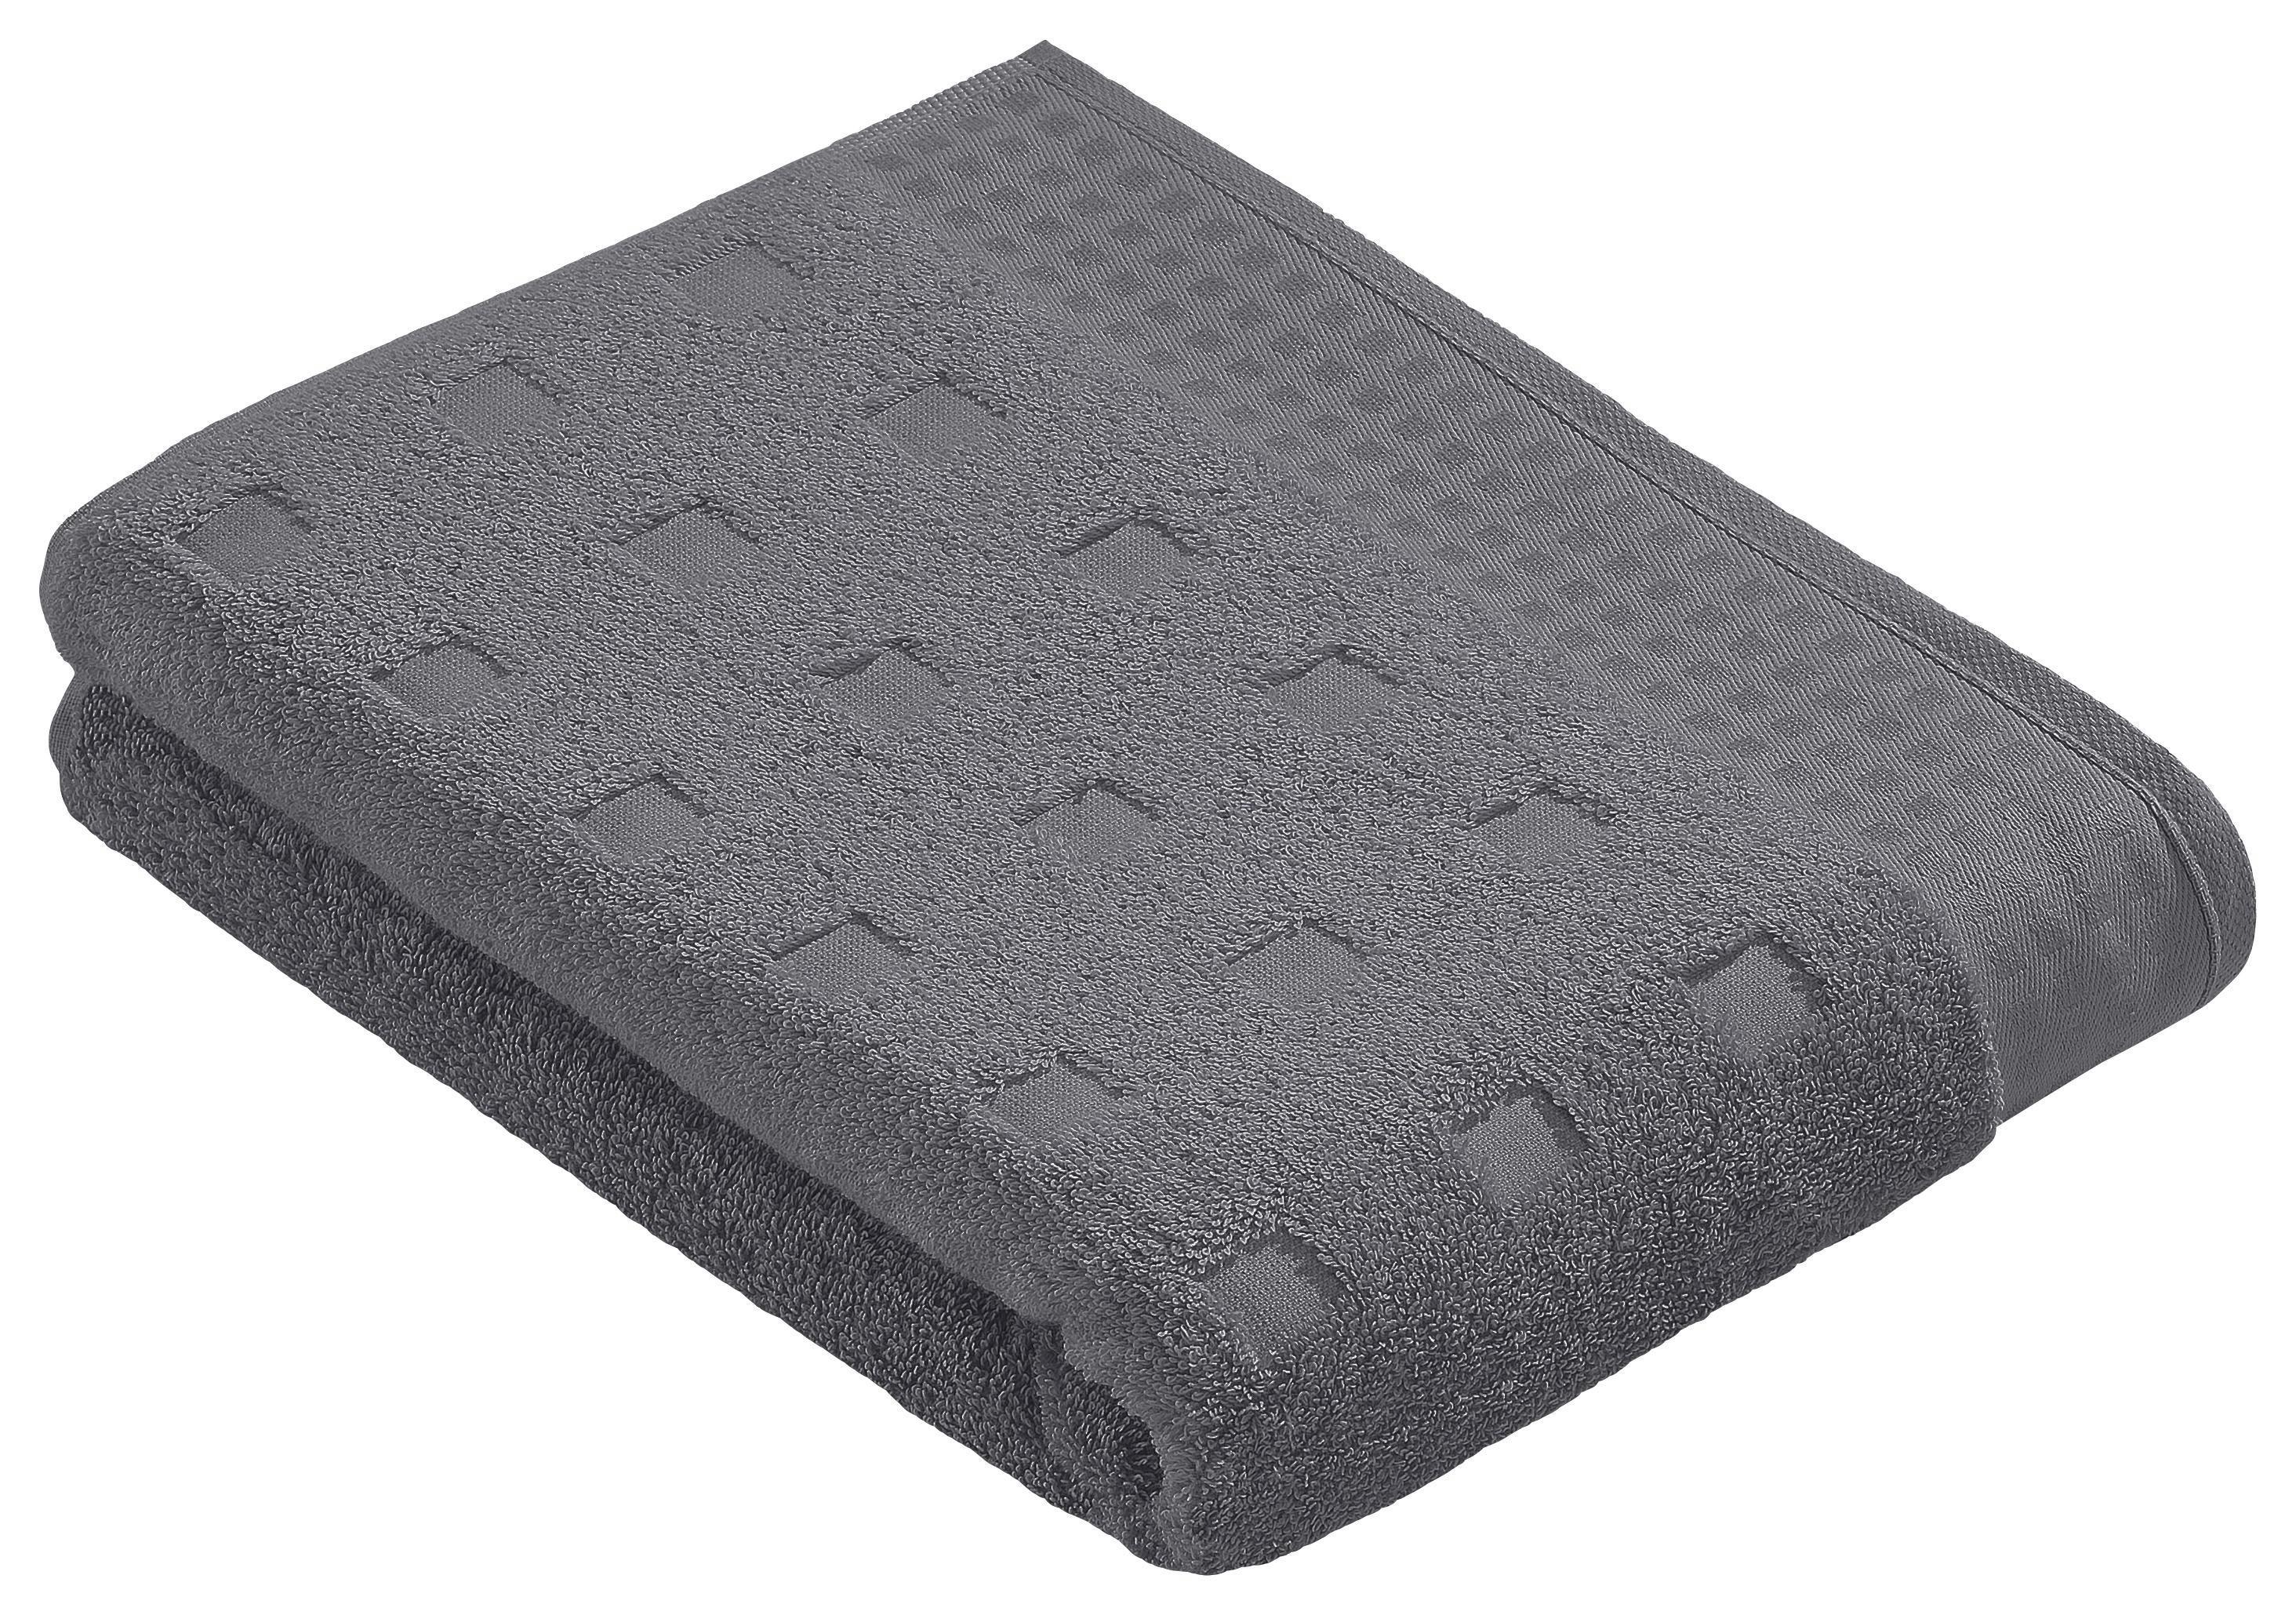 DUSCHTUCH 67/140 cm - Anthrazit, Textil (67/140cm) - VOSSEN